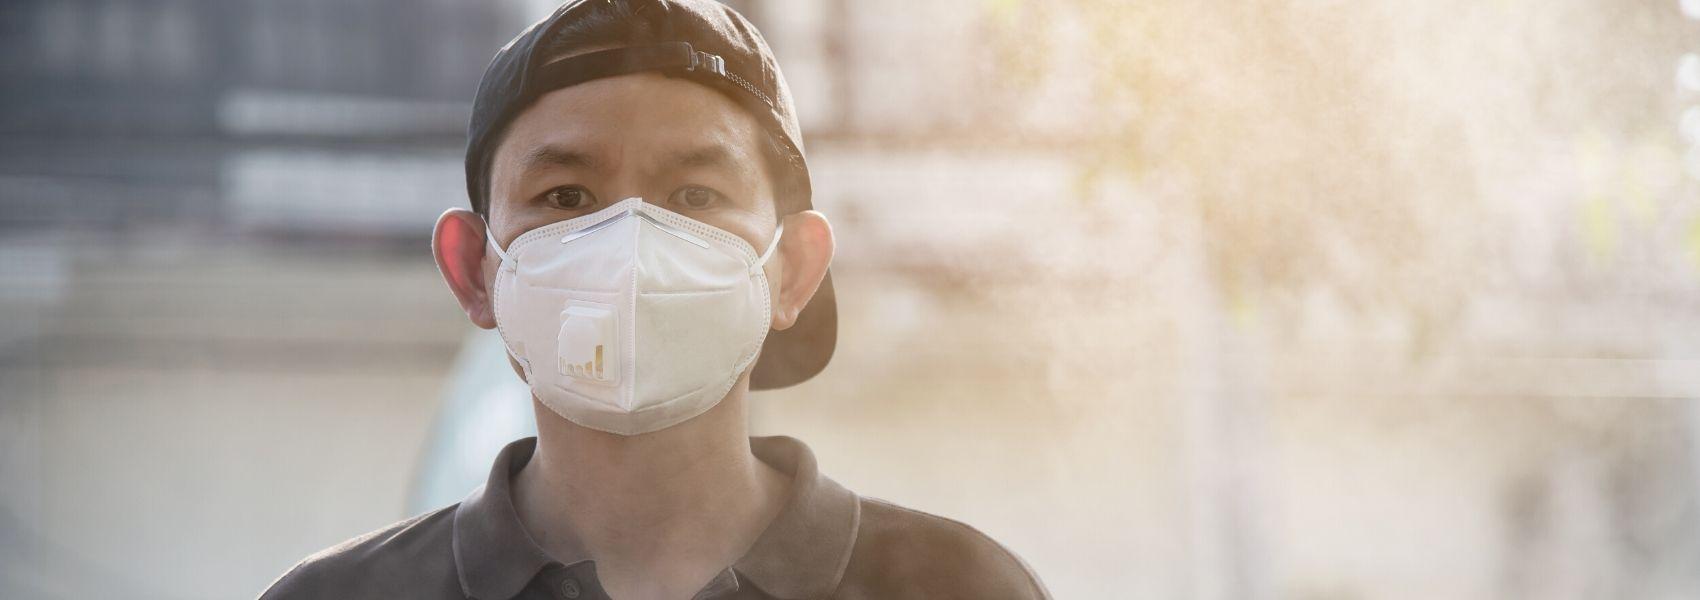 Novo surto respiratório na China motiva alerta em Portugal